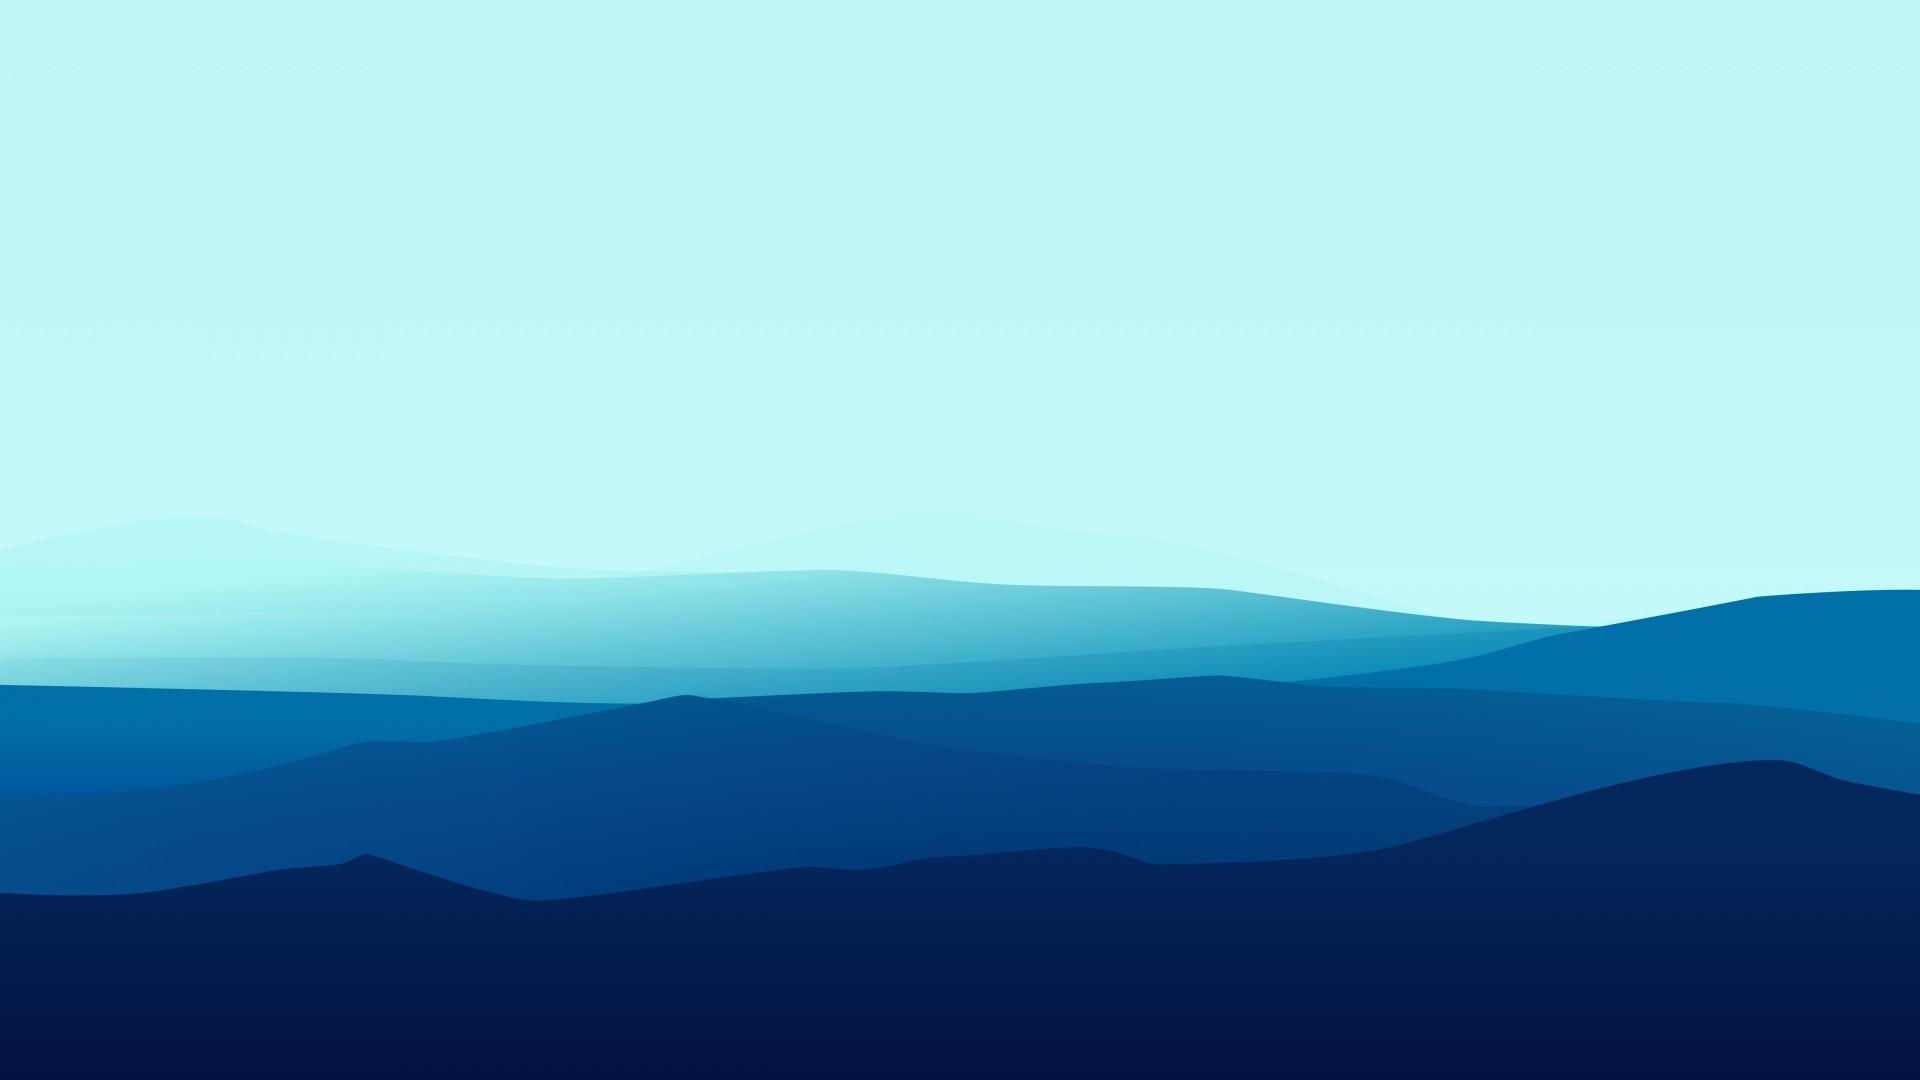 Best 3d Hd Widescreen Wallpapers Minimal Blue Mountains Hd 5k Wallpapers Hd Wallpapers